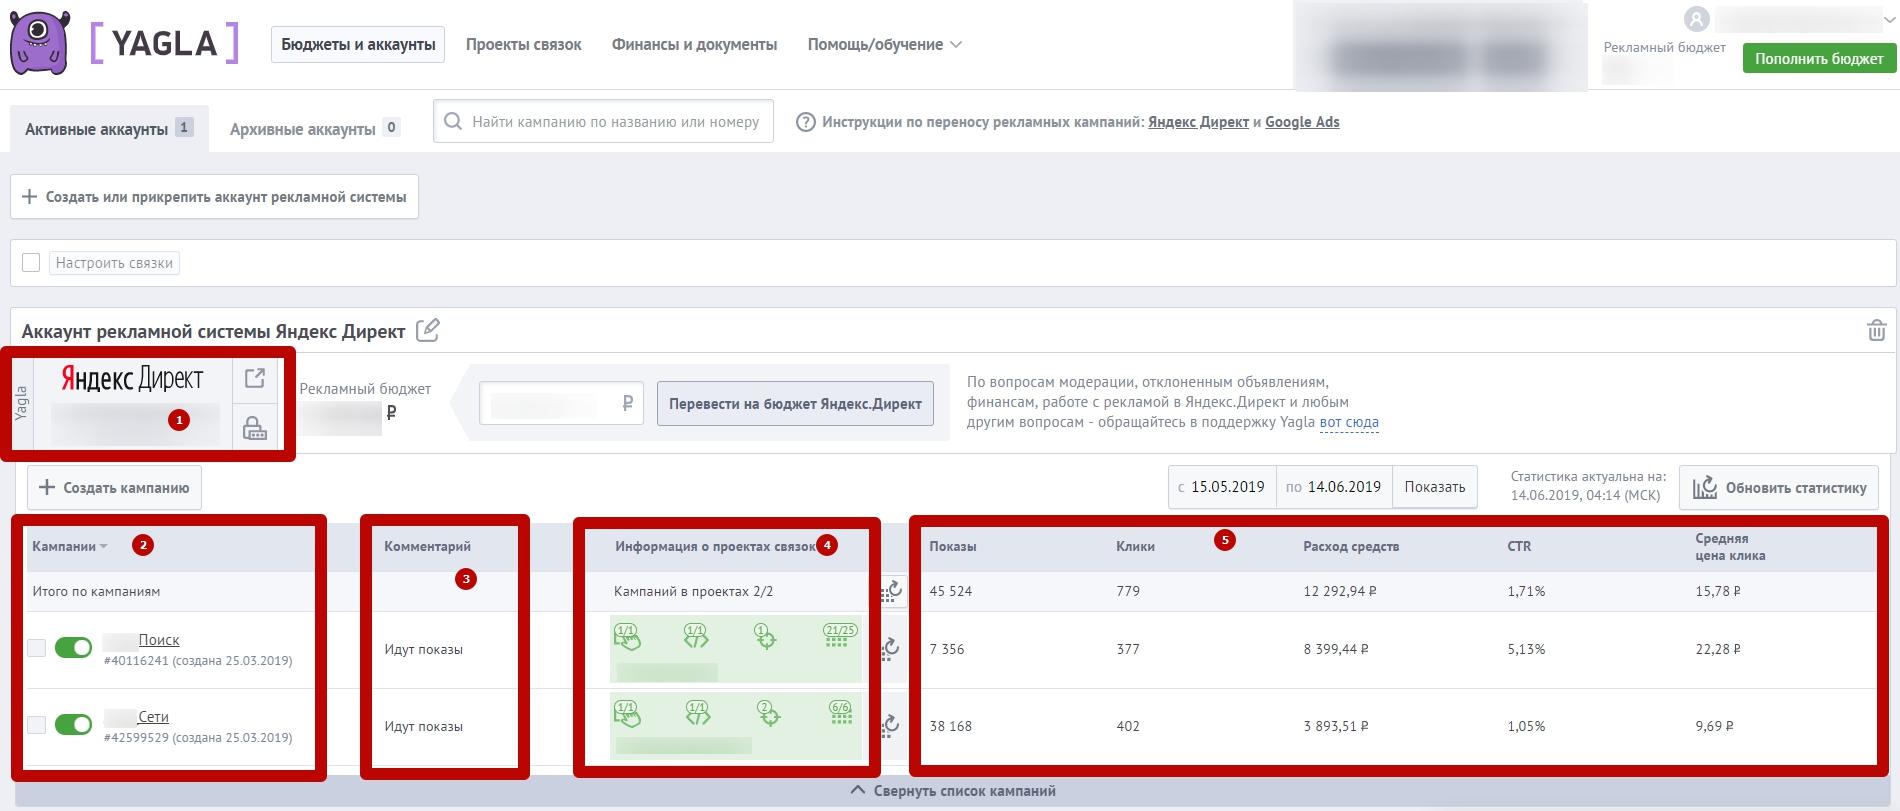 Анализ и оптимизация рекламных кампаний в РСЯ – основная информация на странице Бюджеты и аккаунты